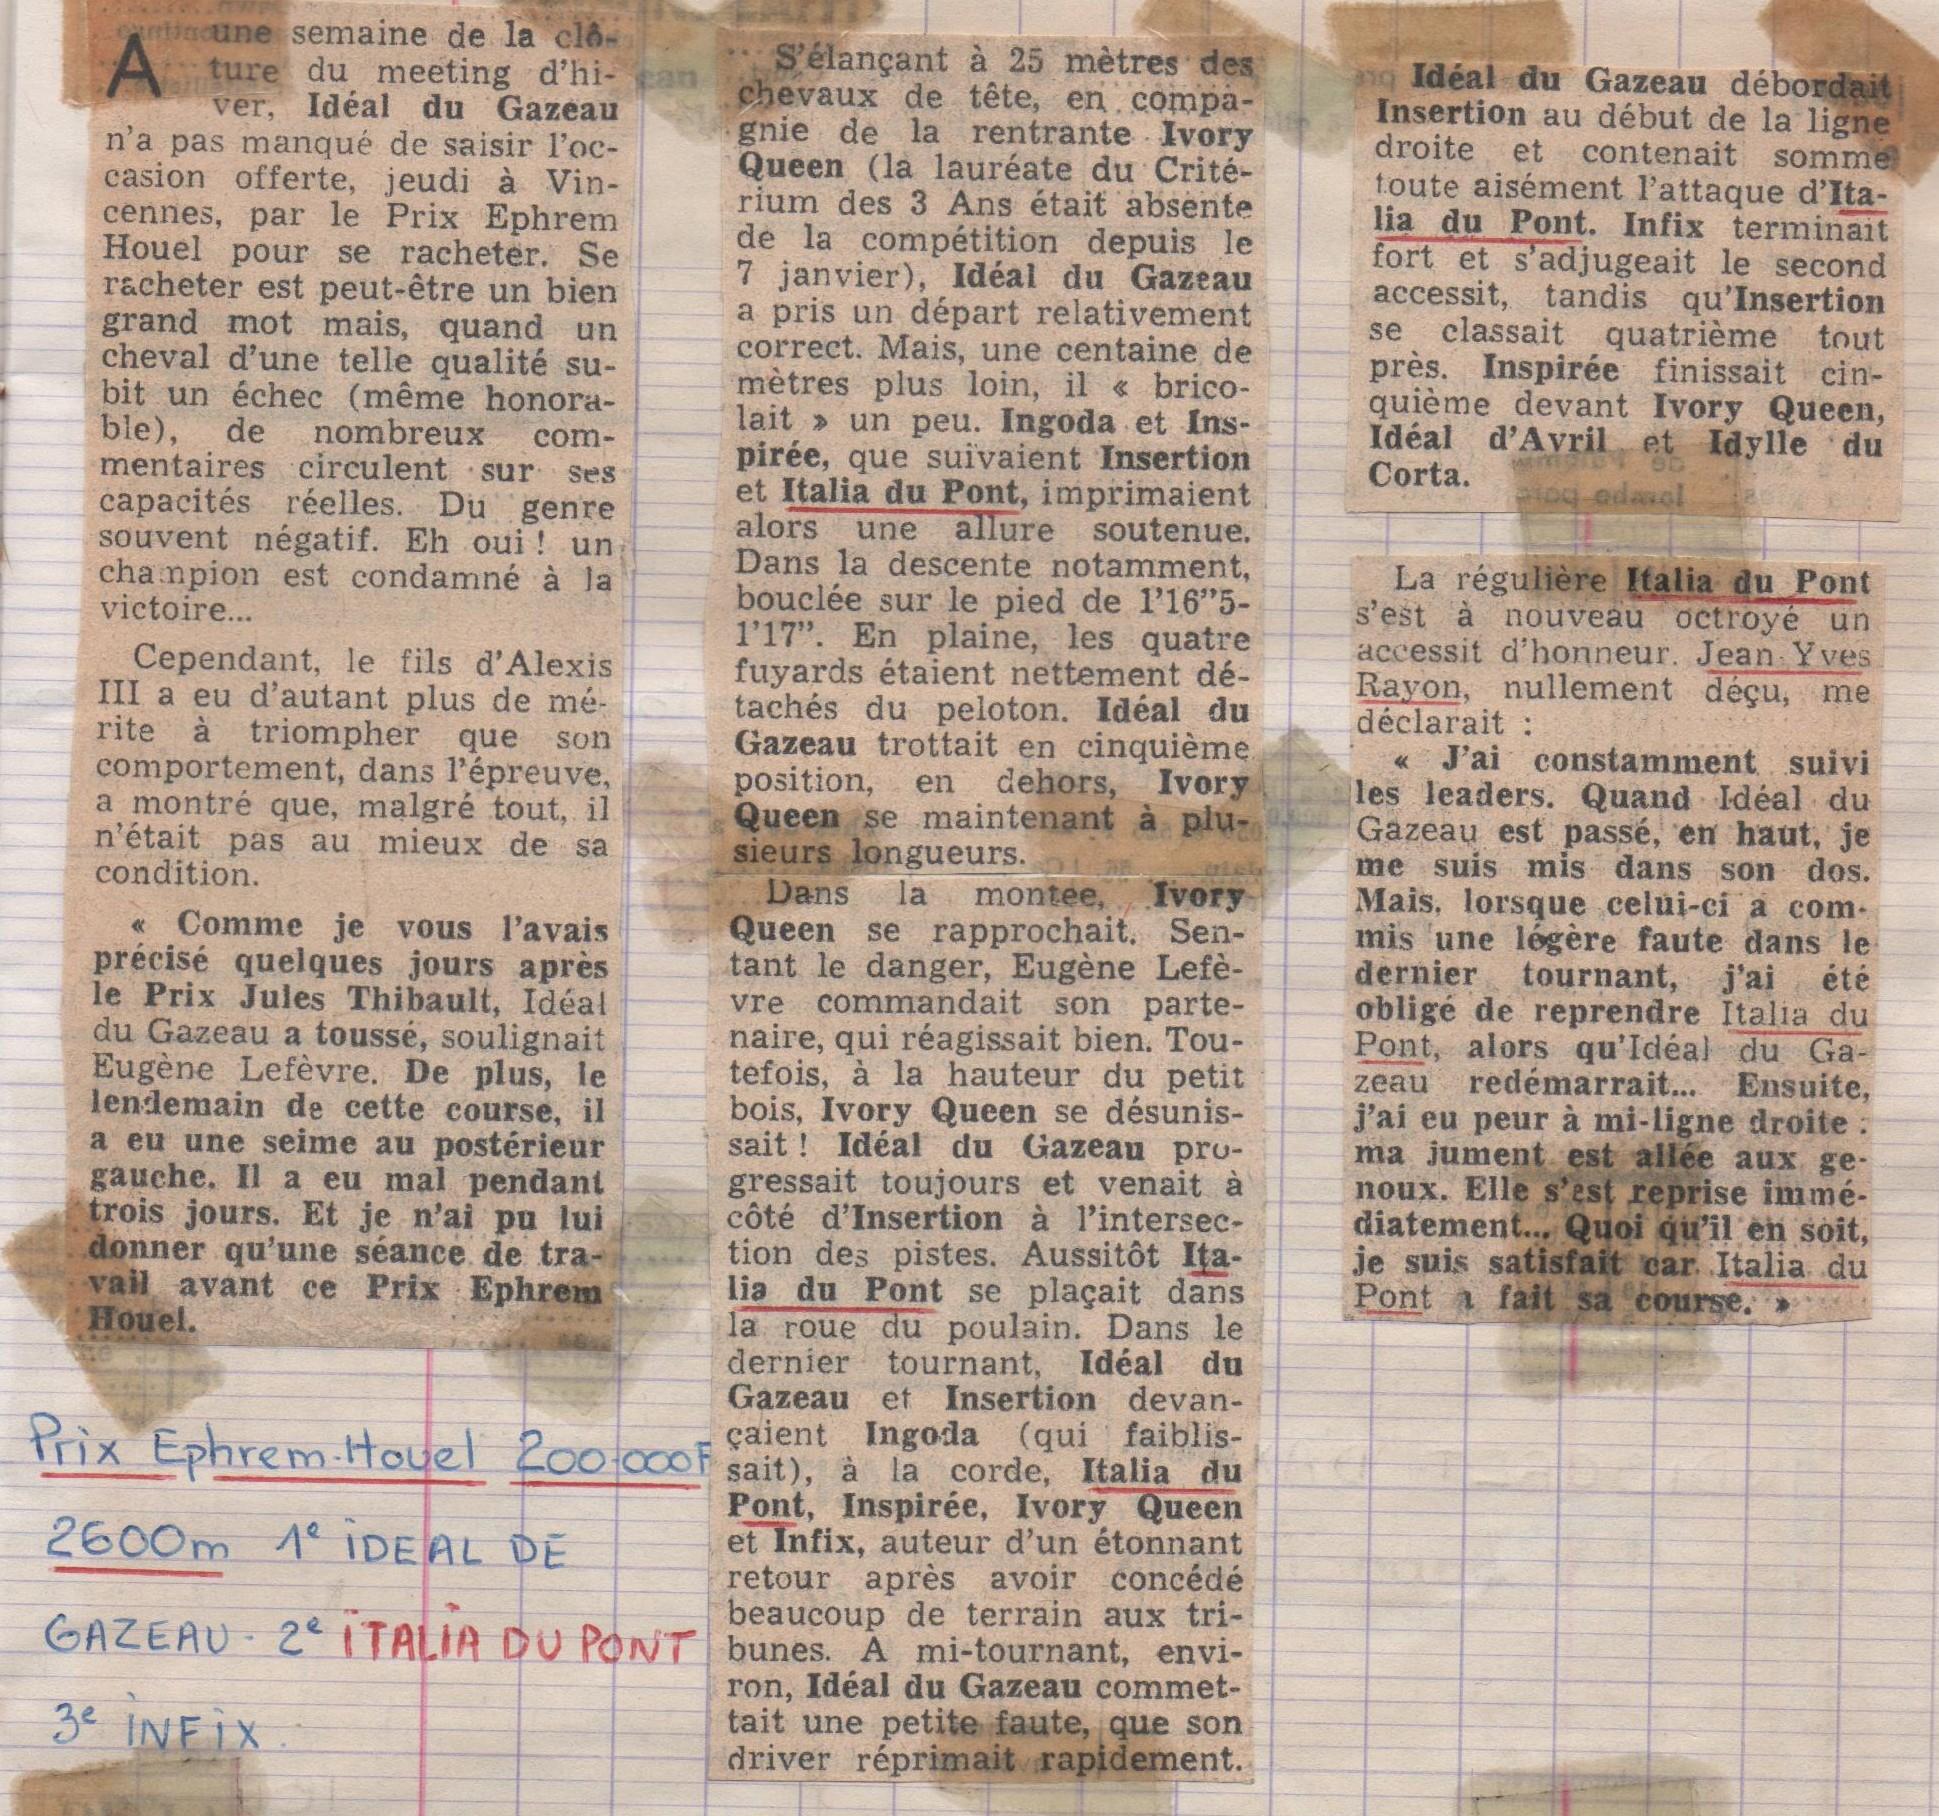 1978 02 23 Italia du Pont Prix Ephrem Houel (1)